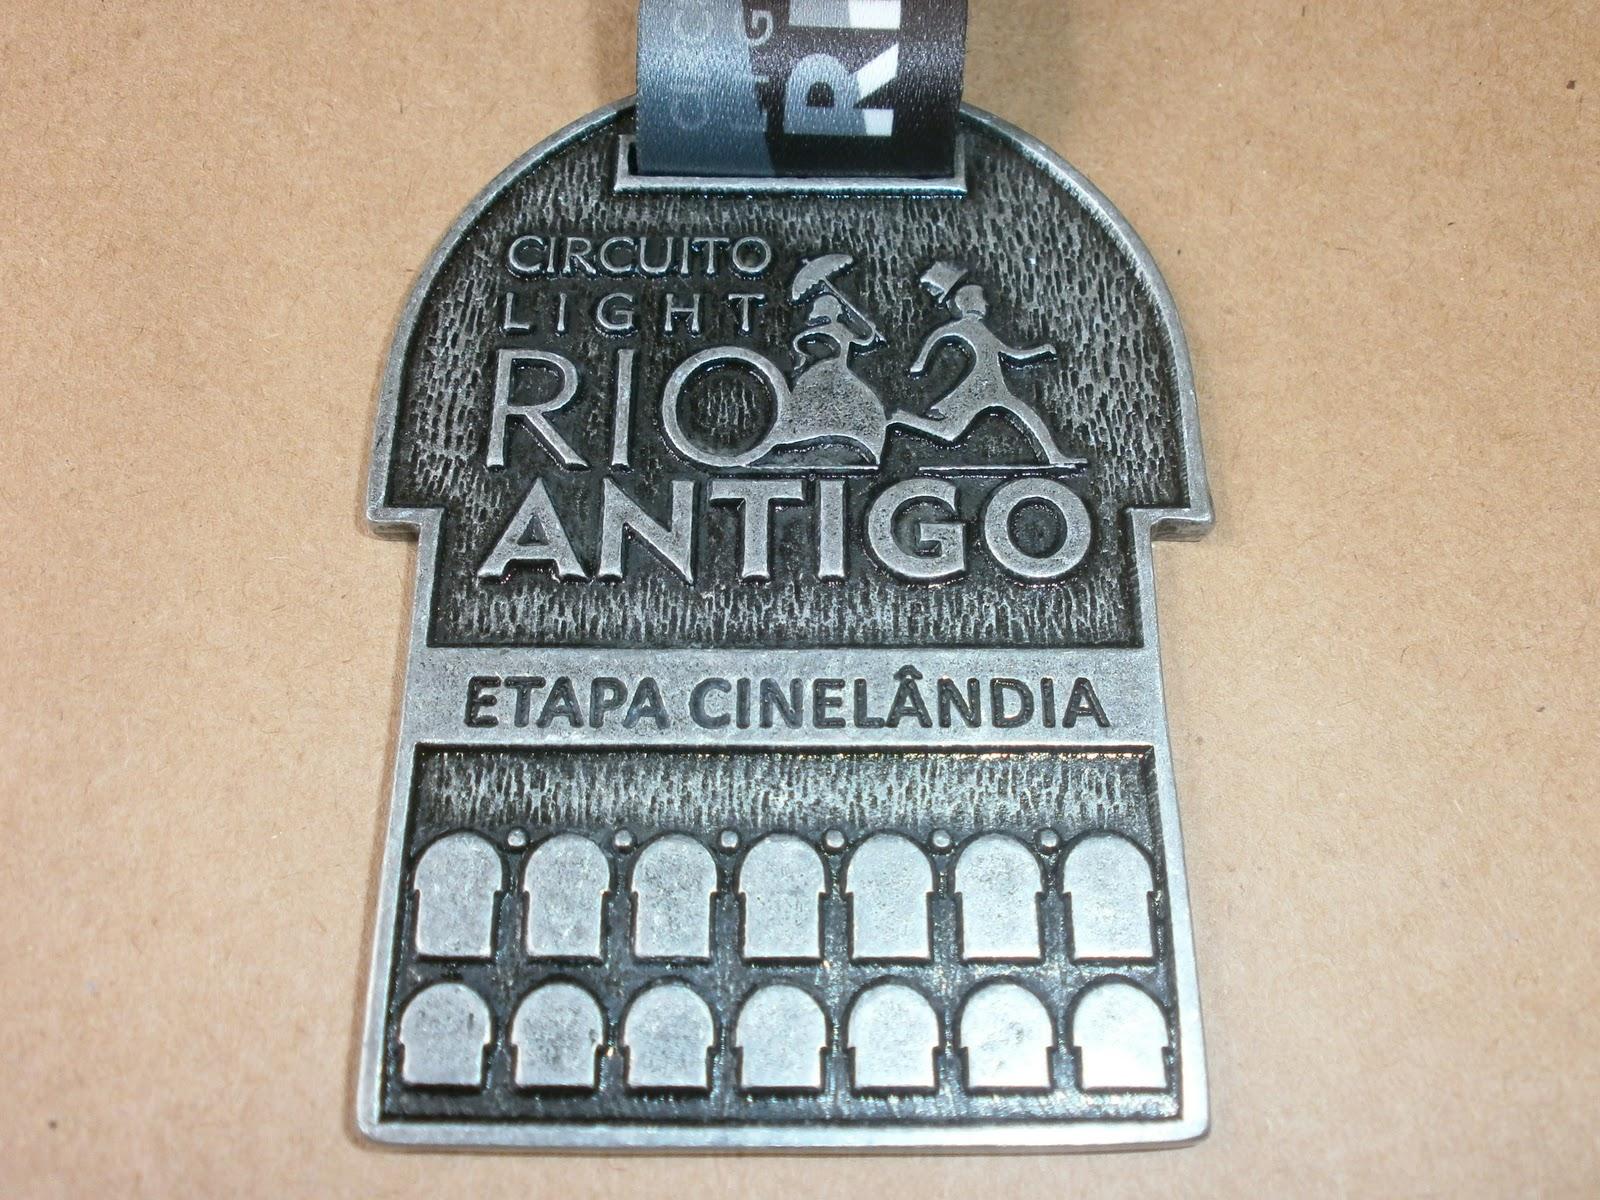 Circuito Rio Antigo : Jmaratona competição nº circuito rio antigo